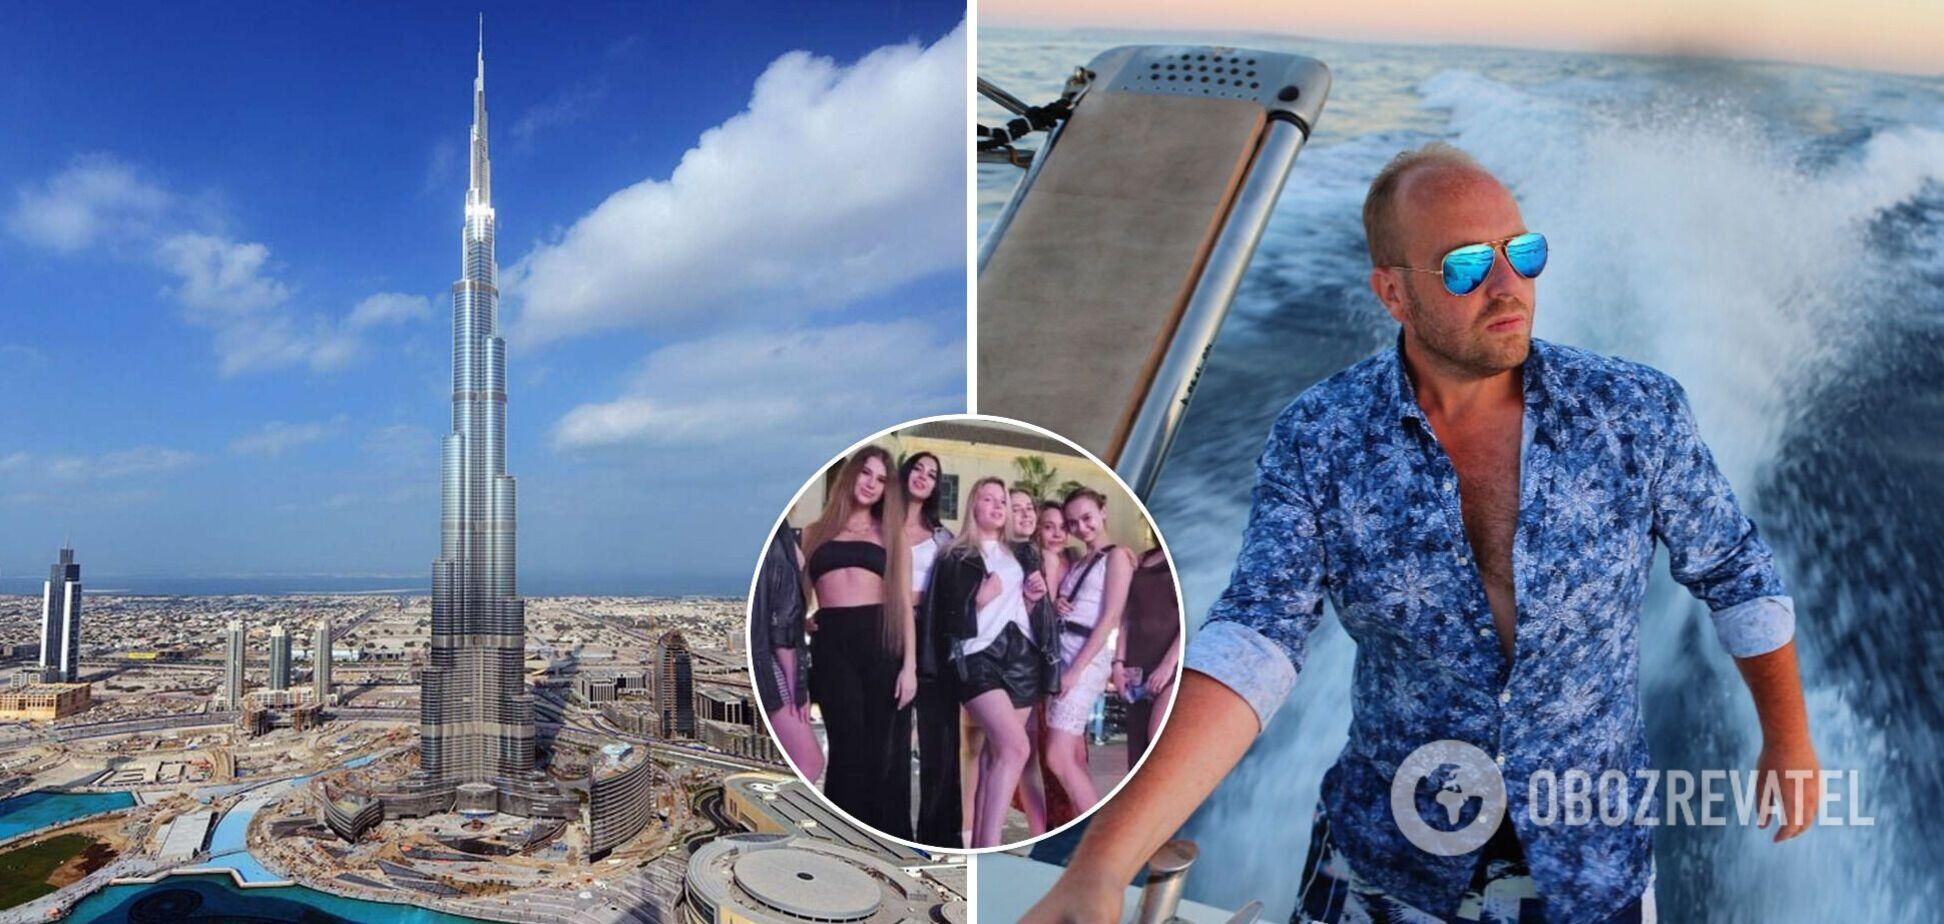 Влаштовував вечірки для депутатів ВР: ЗМІ назвали ім'я організатора голої фотосесії в Дубаї